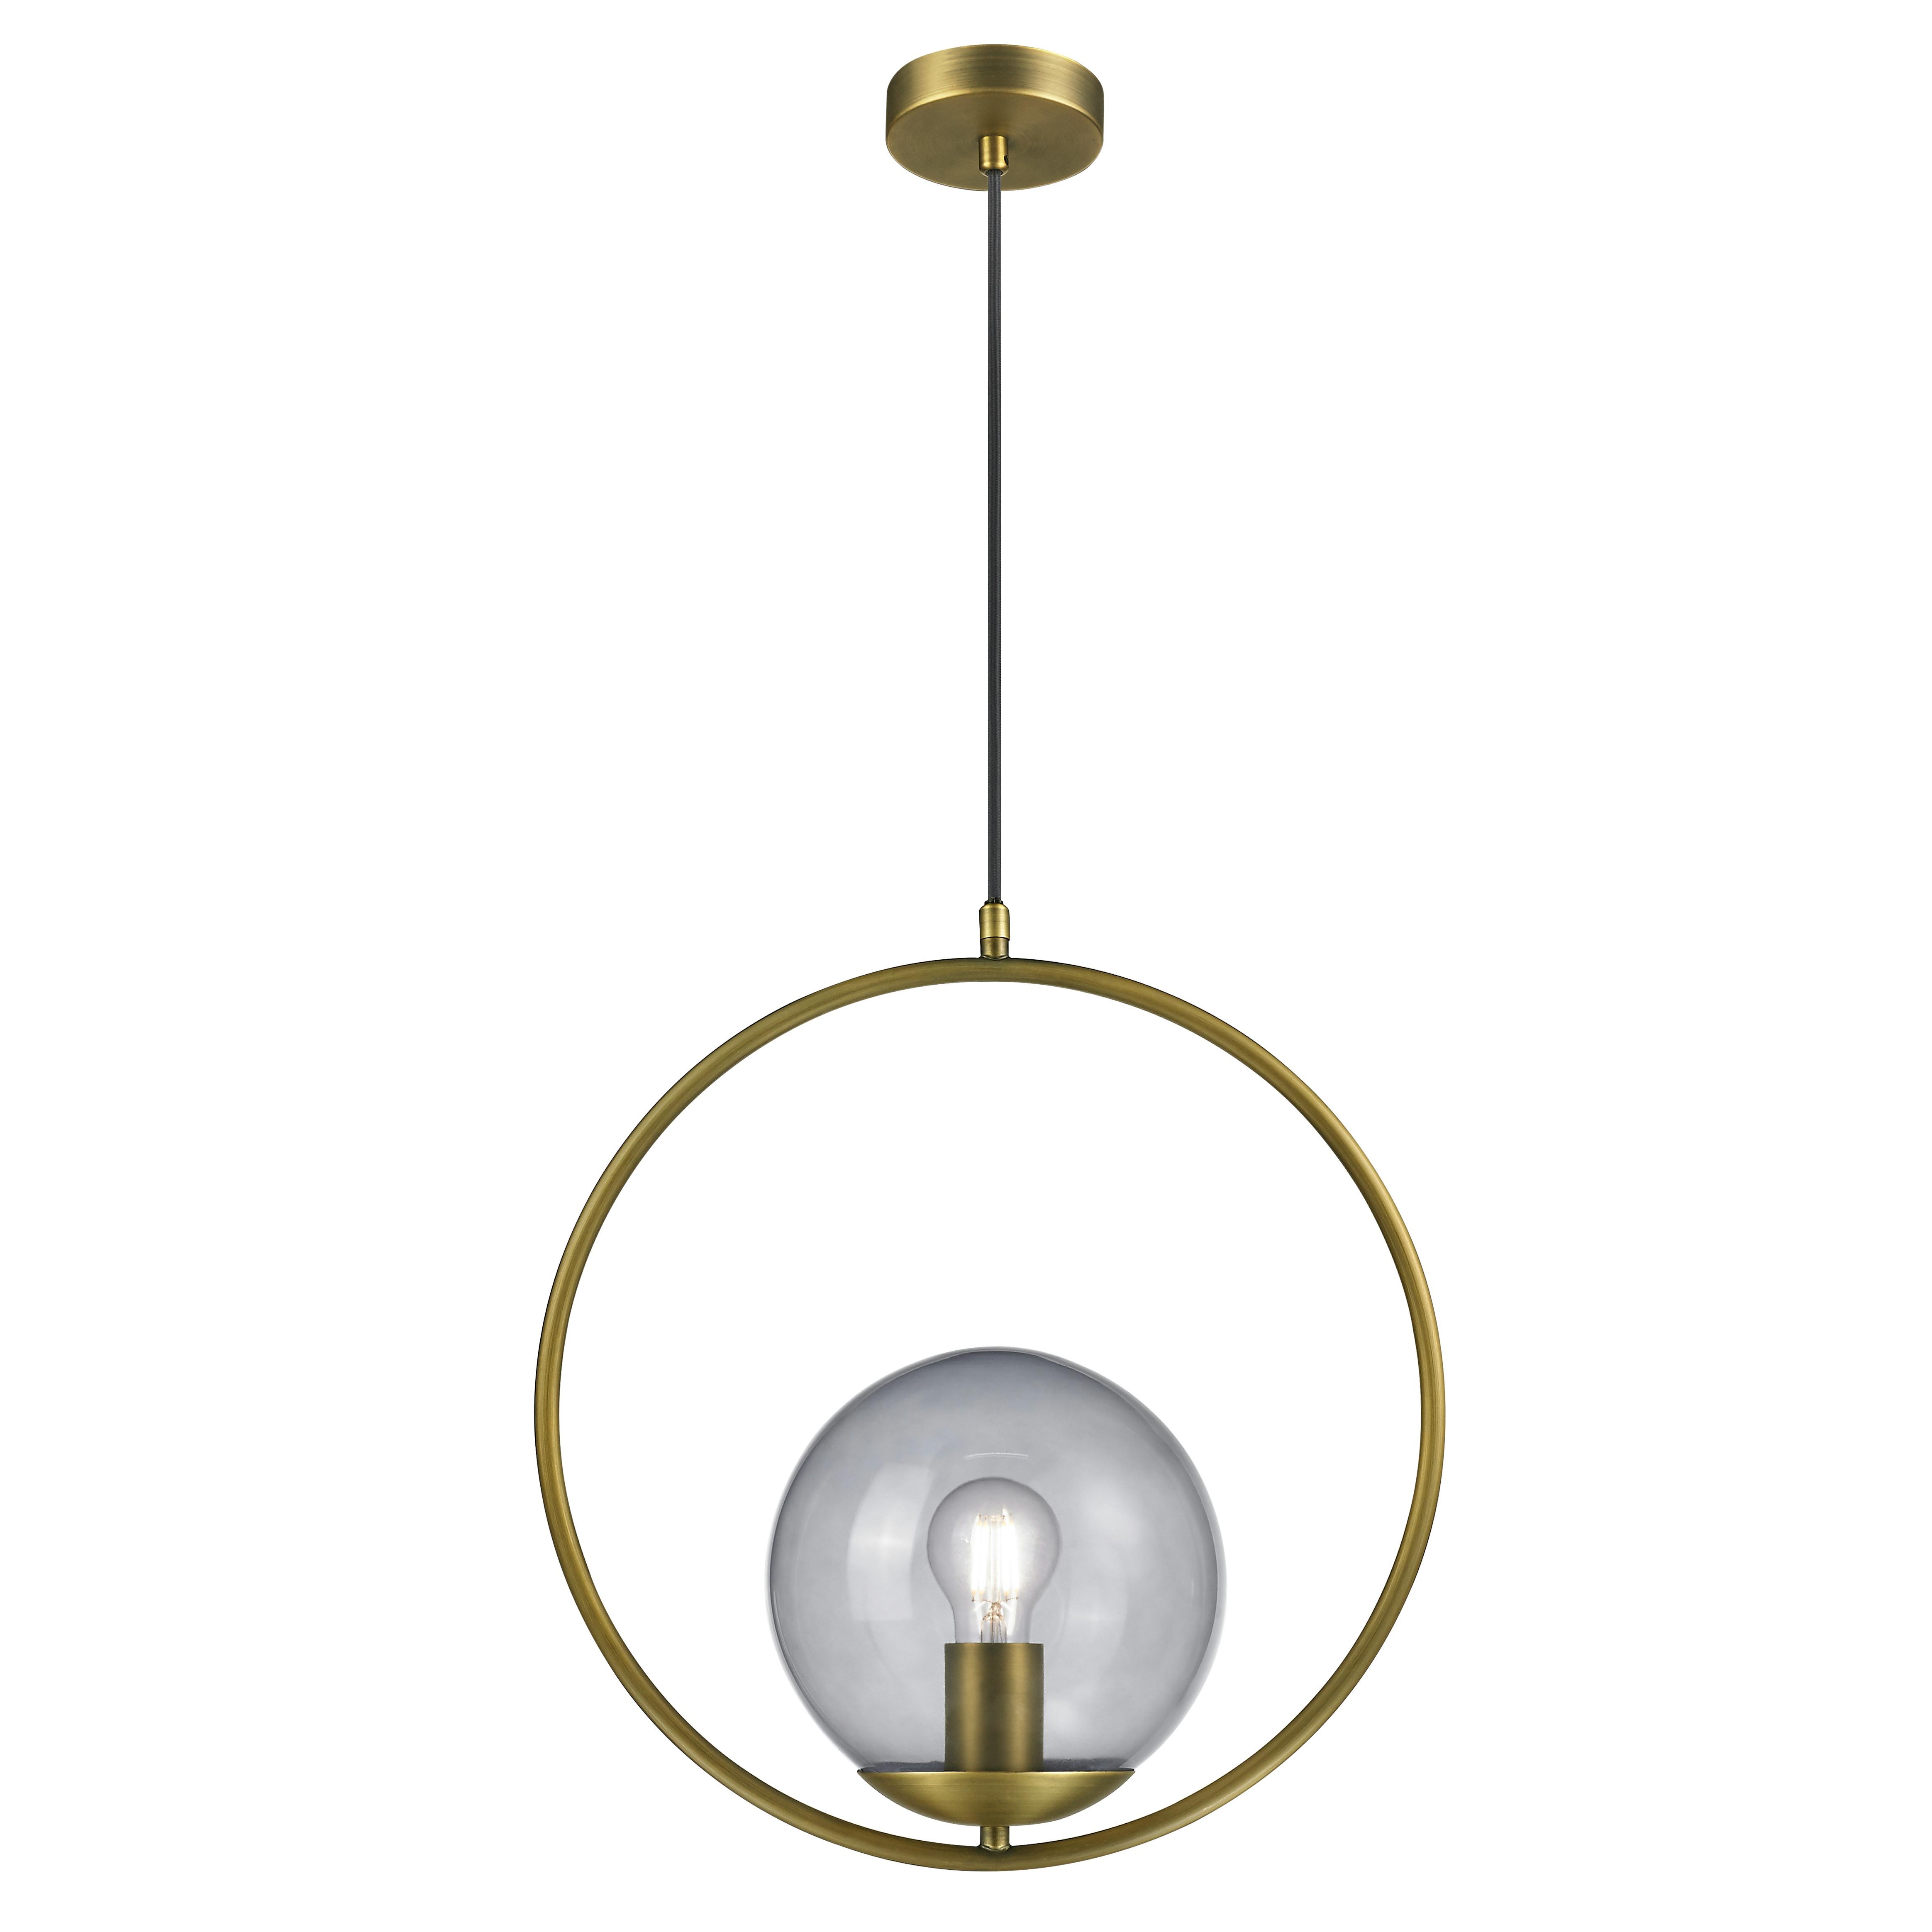 KARWEI hanglamp Lorin messing rookglas